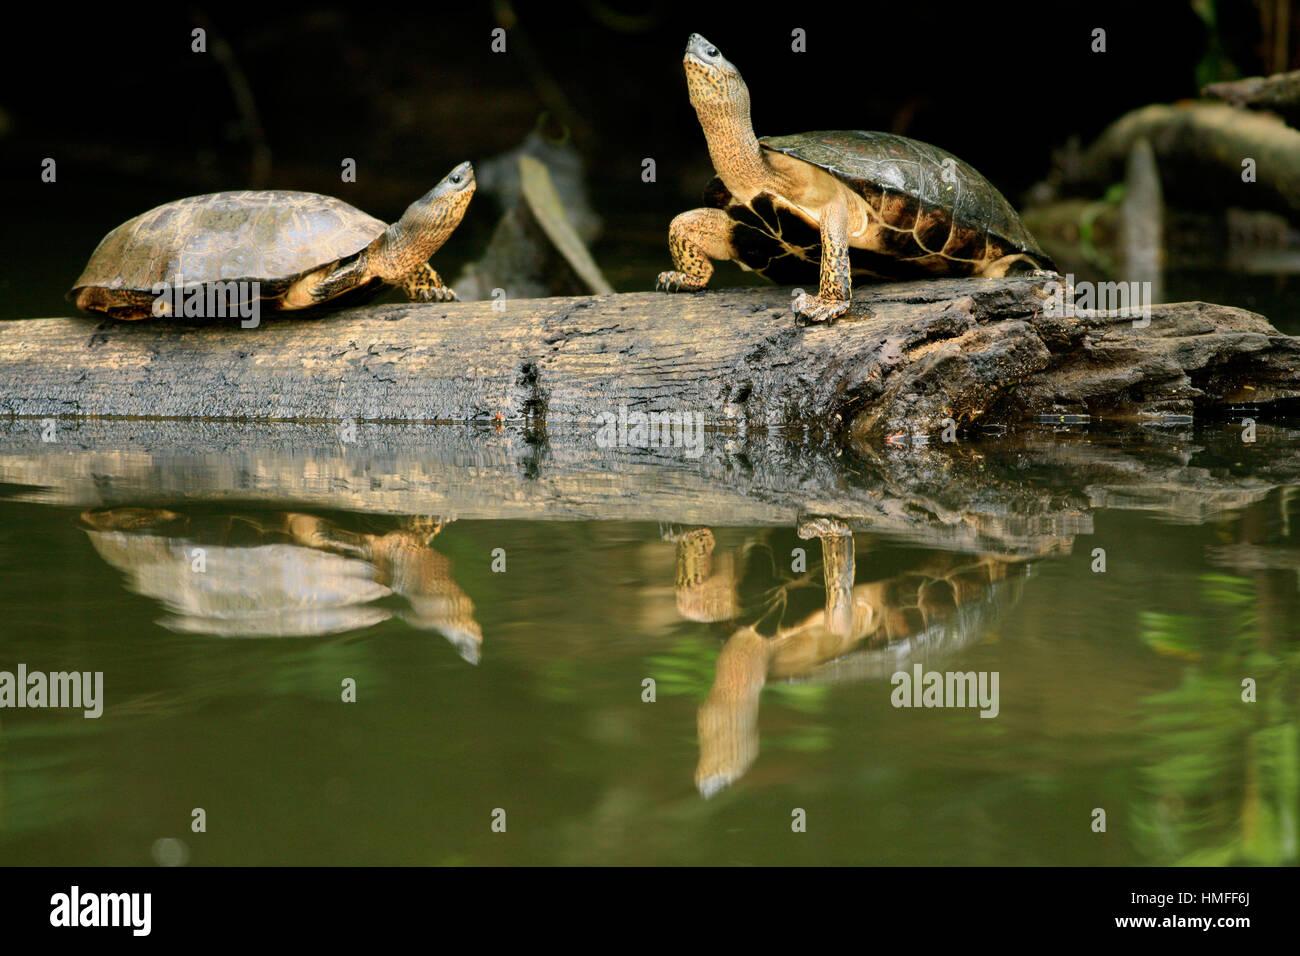 Black River tartarughe (Rhinoclemmys funerea) sulla foresta pluviale naturale canal. Parco Nazionale di Tortuguero Immagini Stock